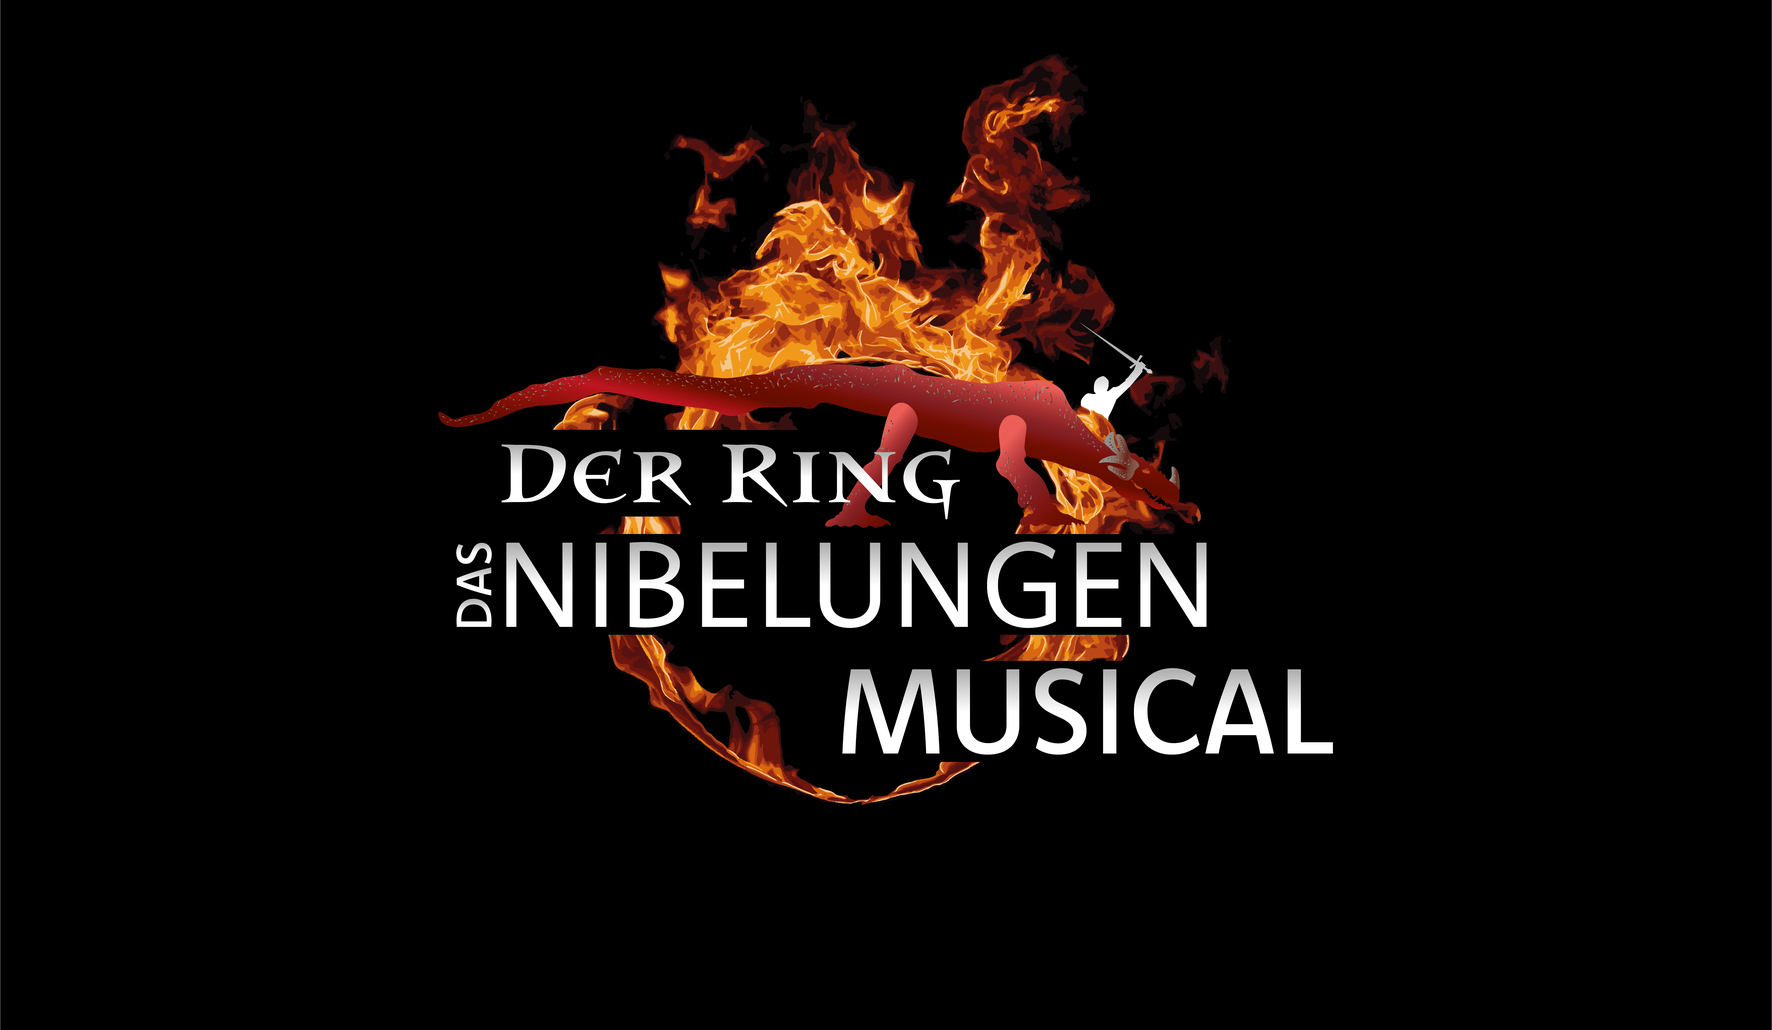 Thomas Borchert @ Der Ring - Das Musical in Füssen